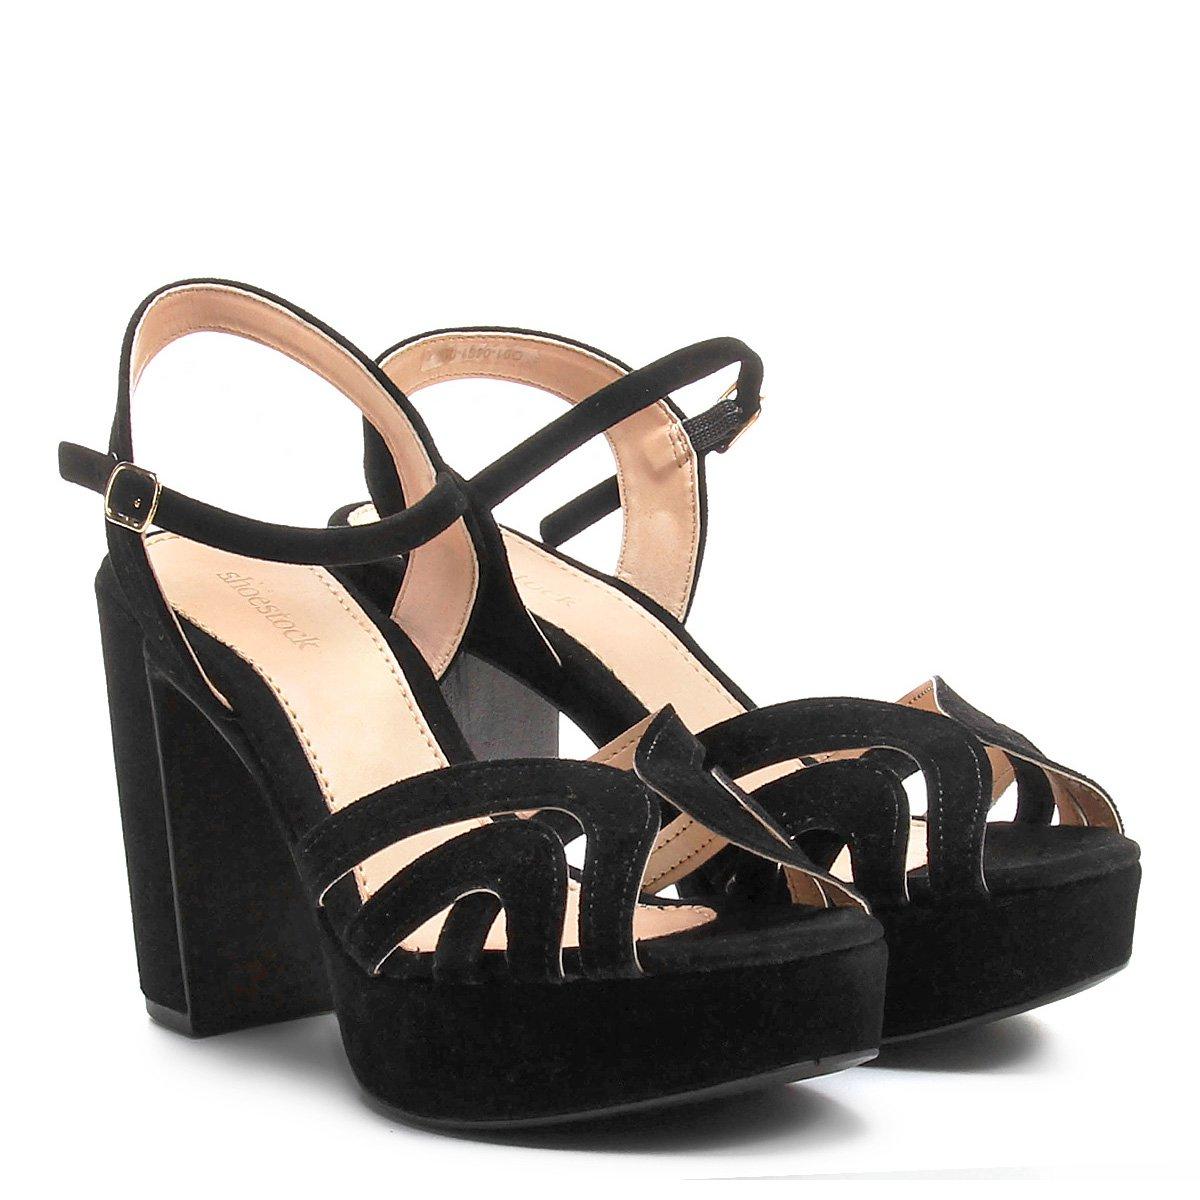 c4d07315d Sandália Shoestock Meia Pata Tirinhas - Compre Agora | Shoestock